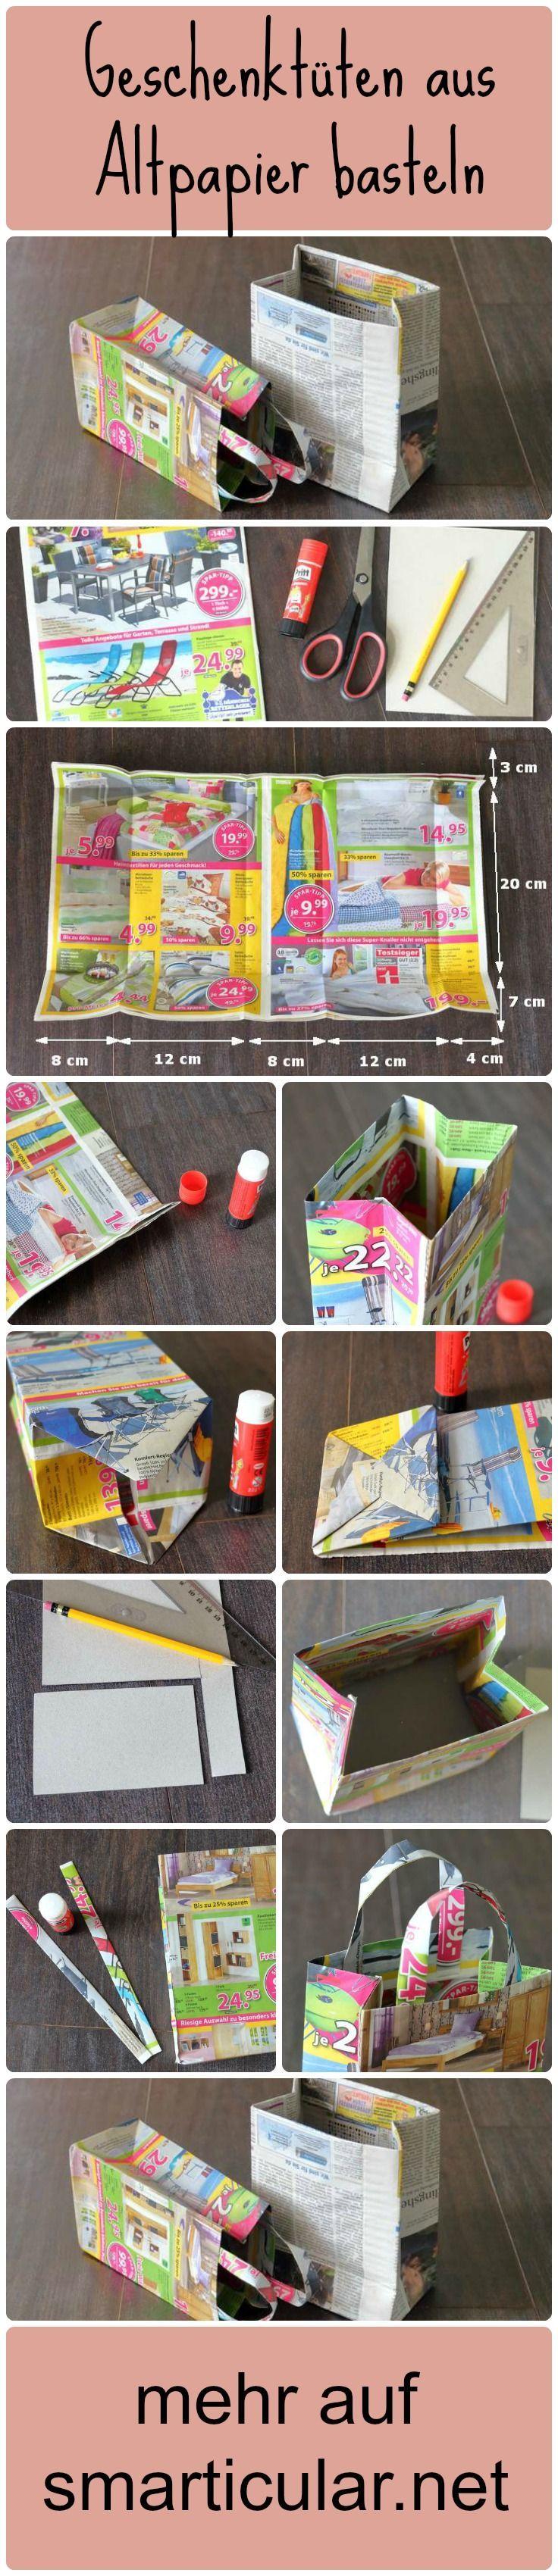 Geschenktüten aus Altpapier basteln - Nutzlose Prospekte mit neuer Bestimmung